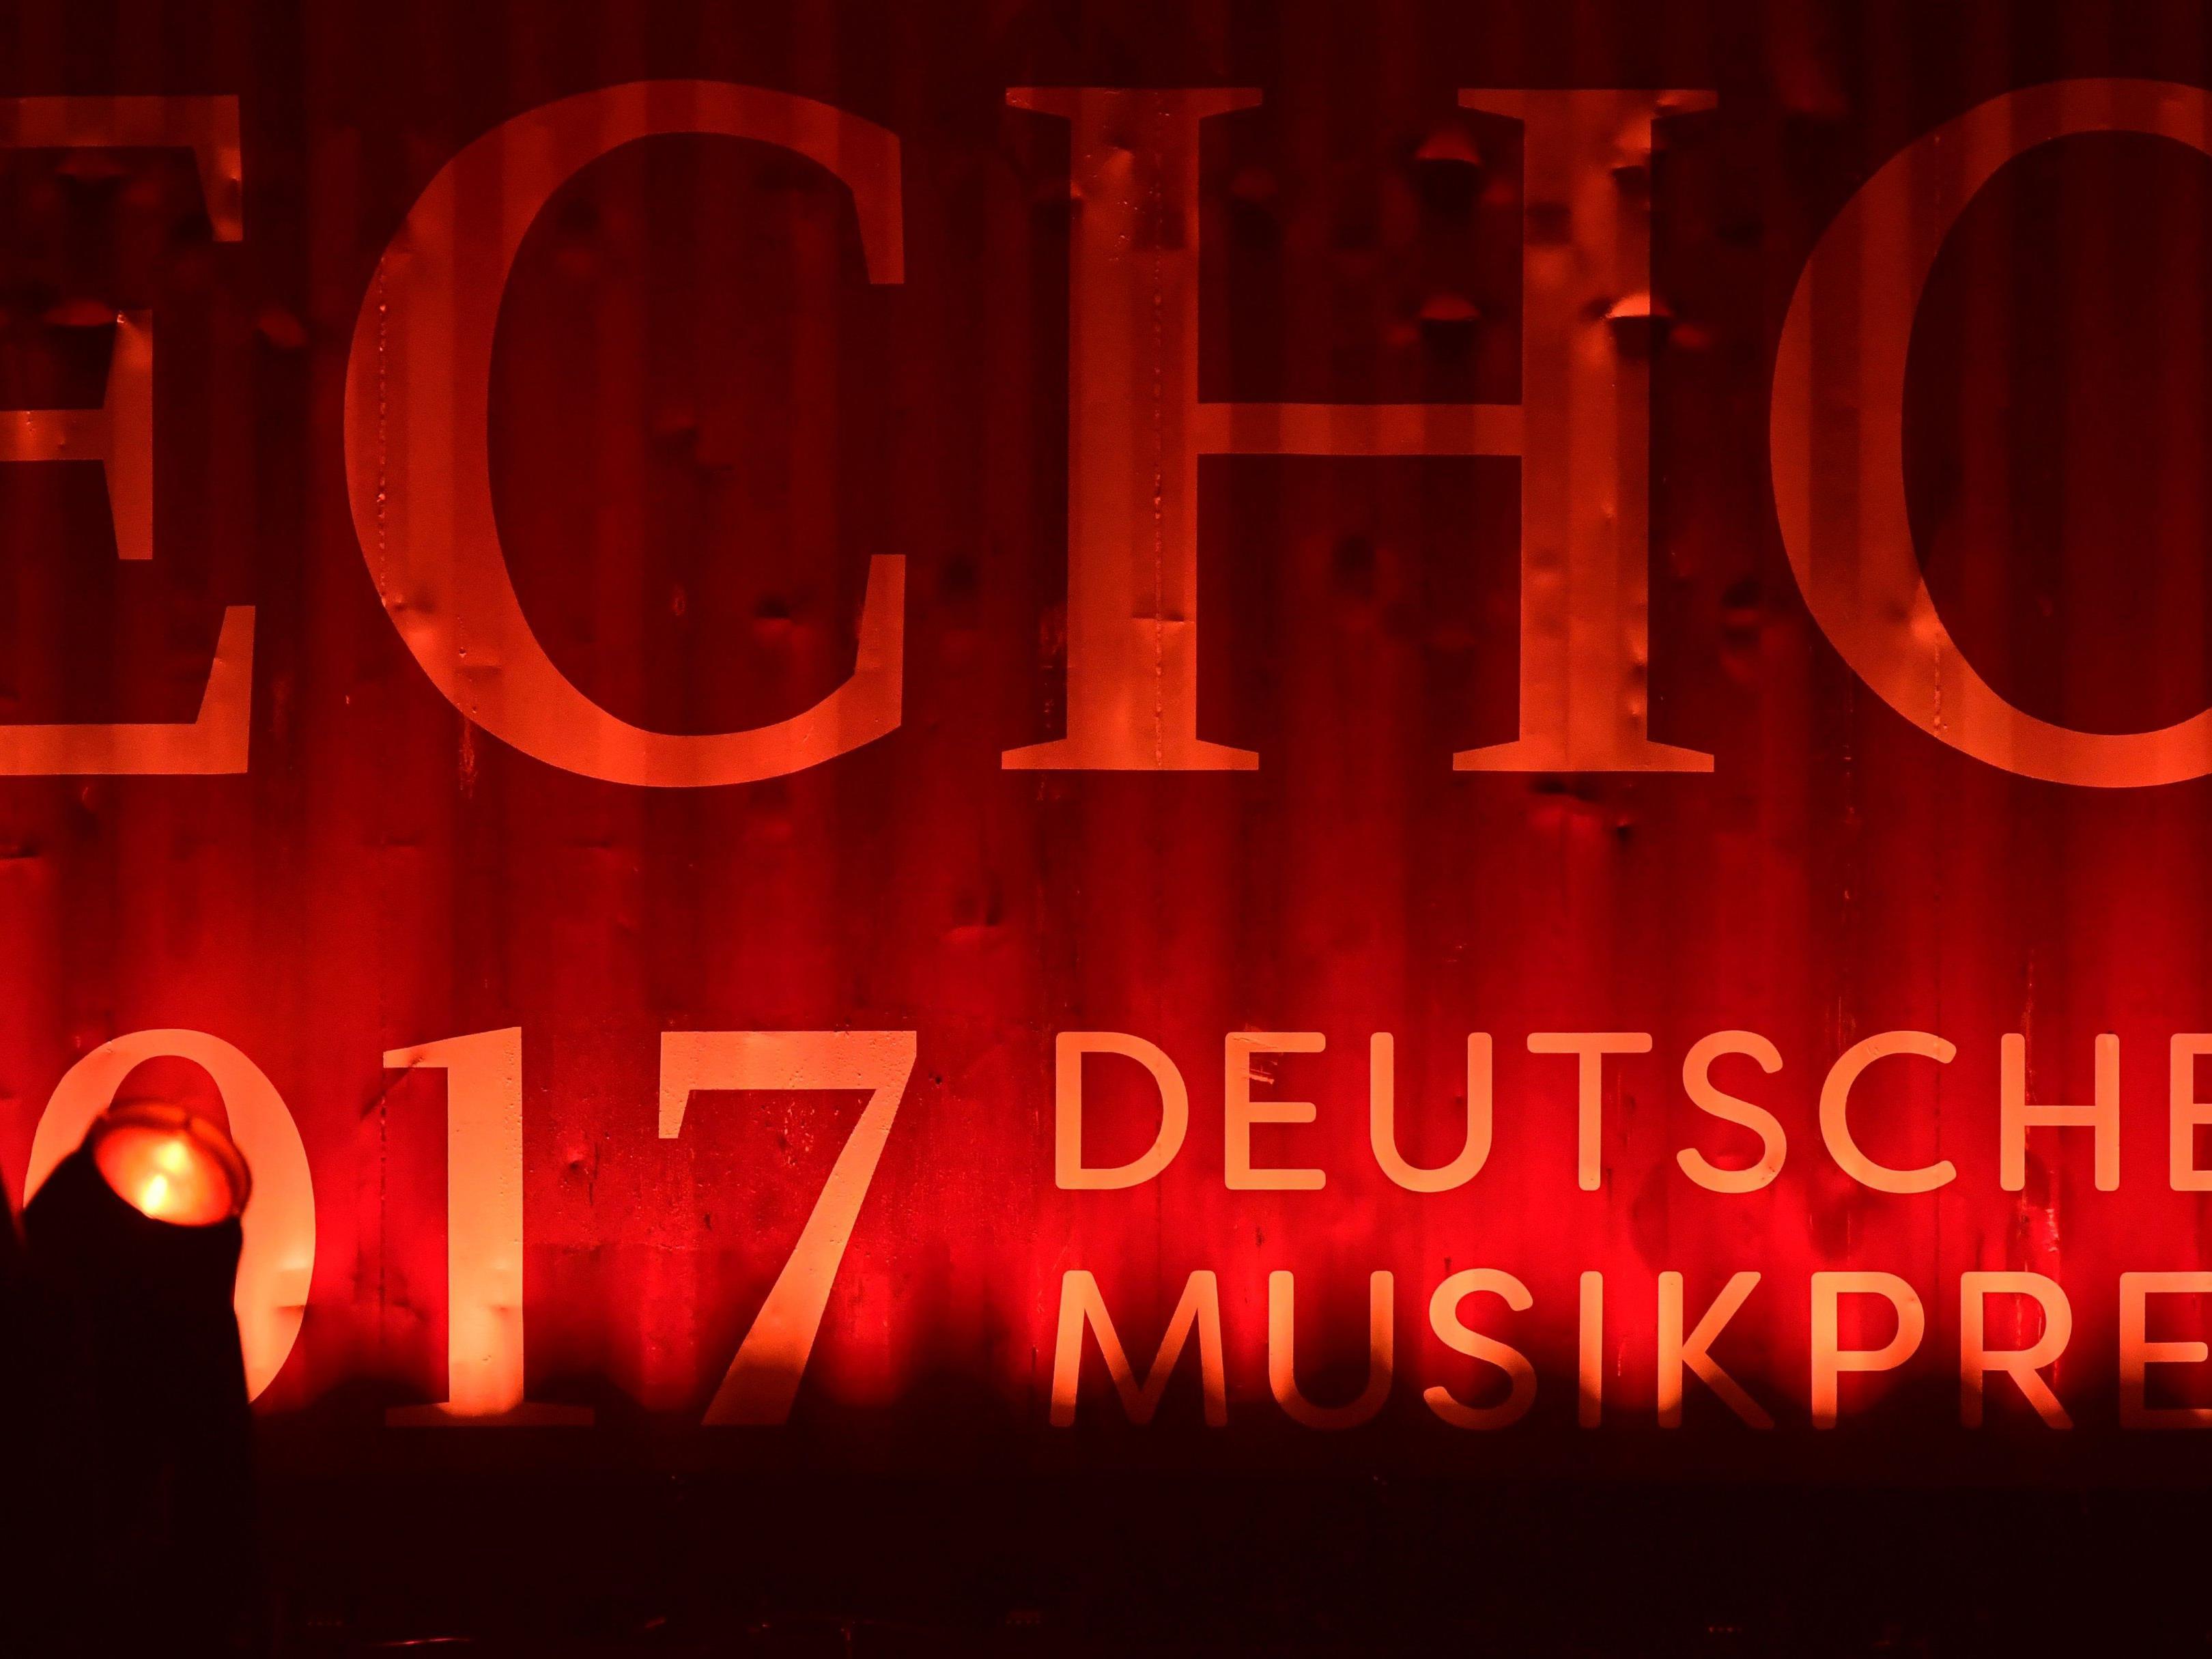 Der Deutsche Musikpreis wird erst am Freitagabend im TV ausgestrahlt.